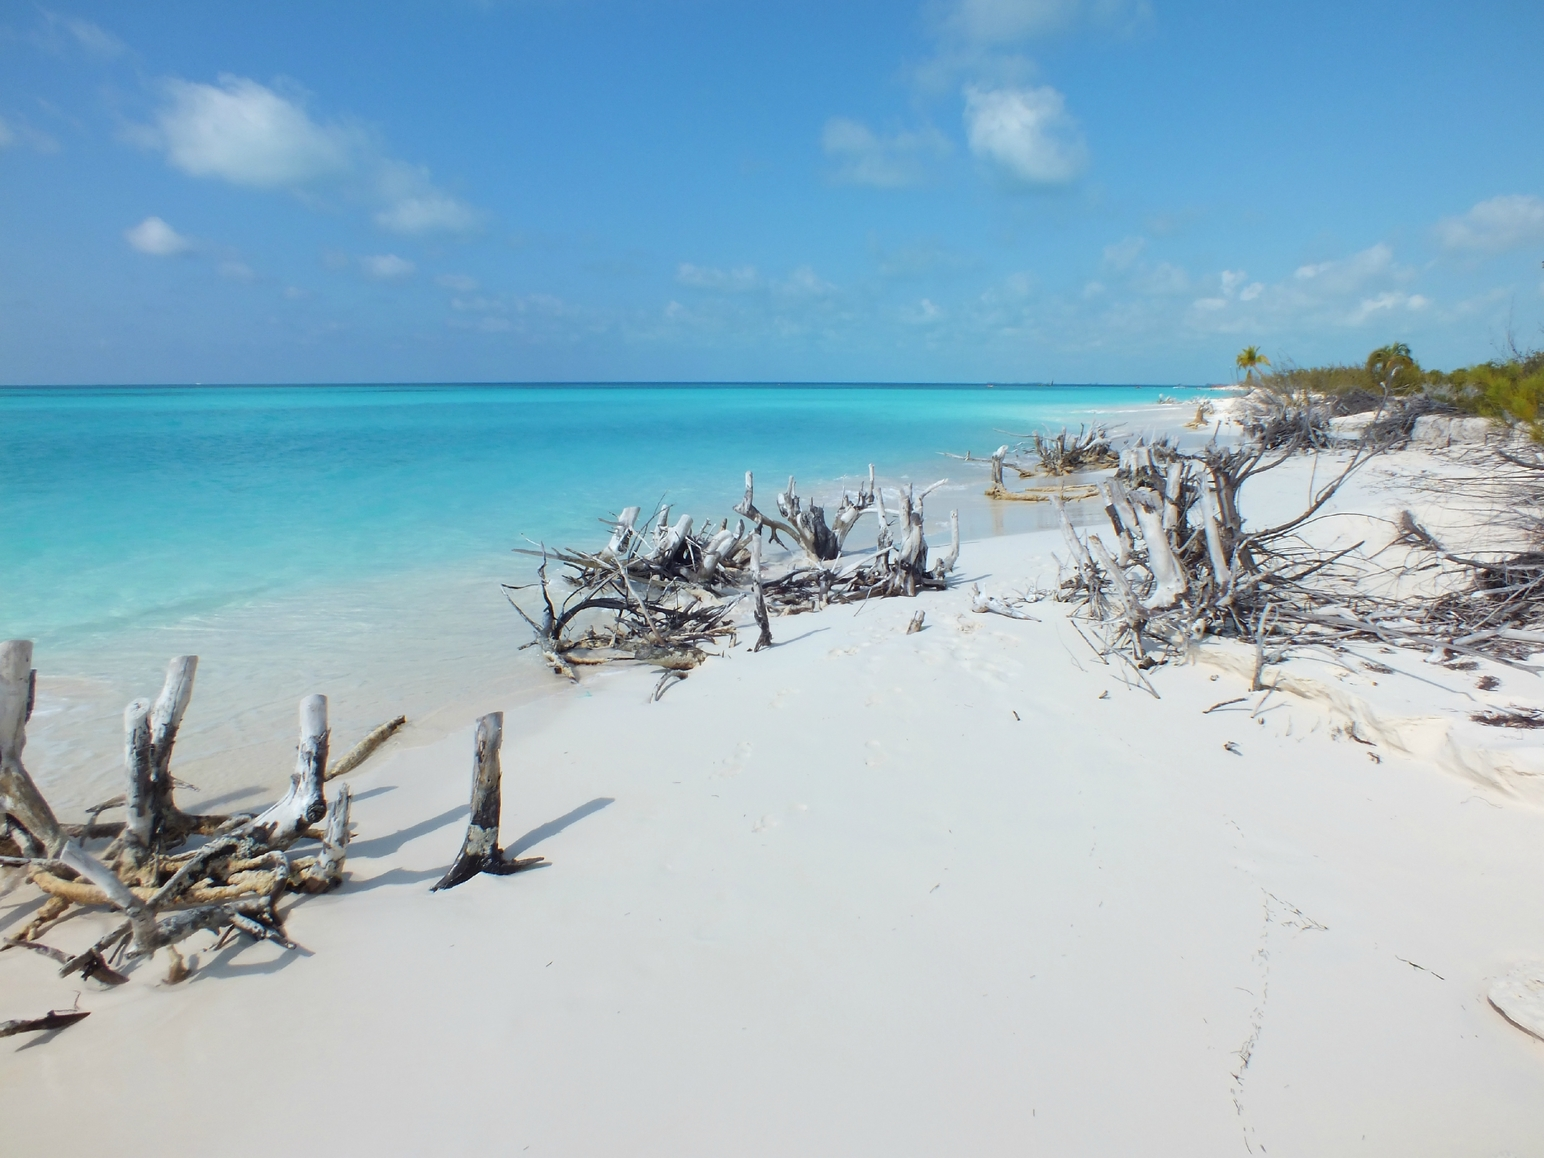 Playa Paraiso Beach - Cayo Largo, Cuba. Photo: TripAdvisor